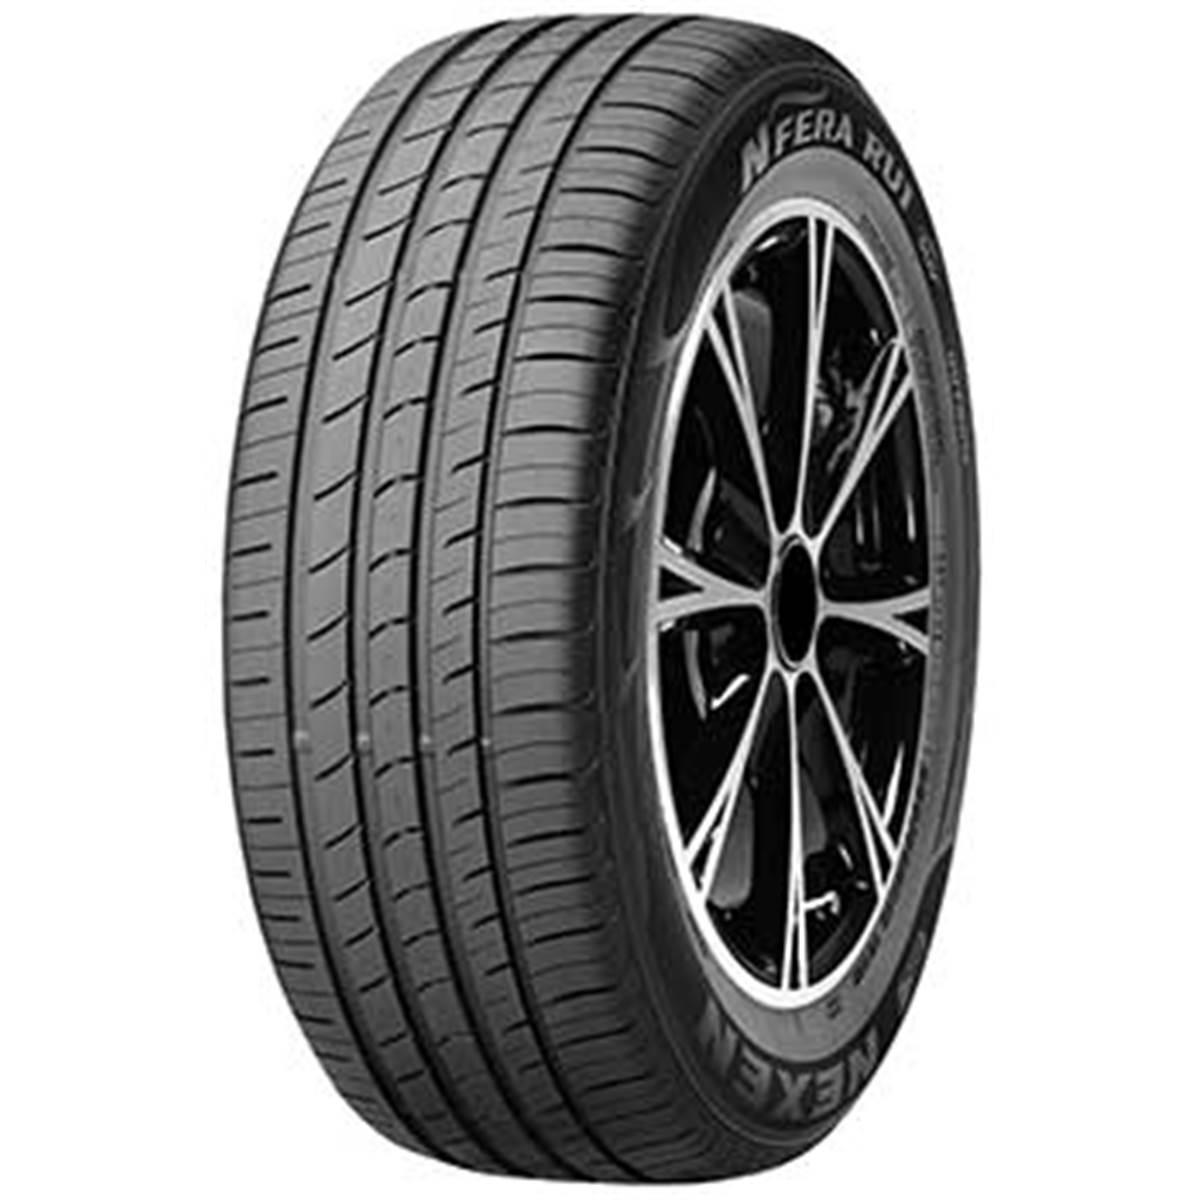 prix pneu 17 pouces pneu 17 pouces kenda k 262 dimension plis 4pr stock et prix pneus 17. Black Bedroom Furniture Sets. Home Design Ideas